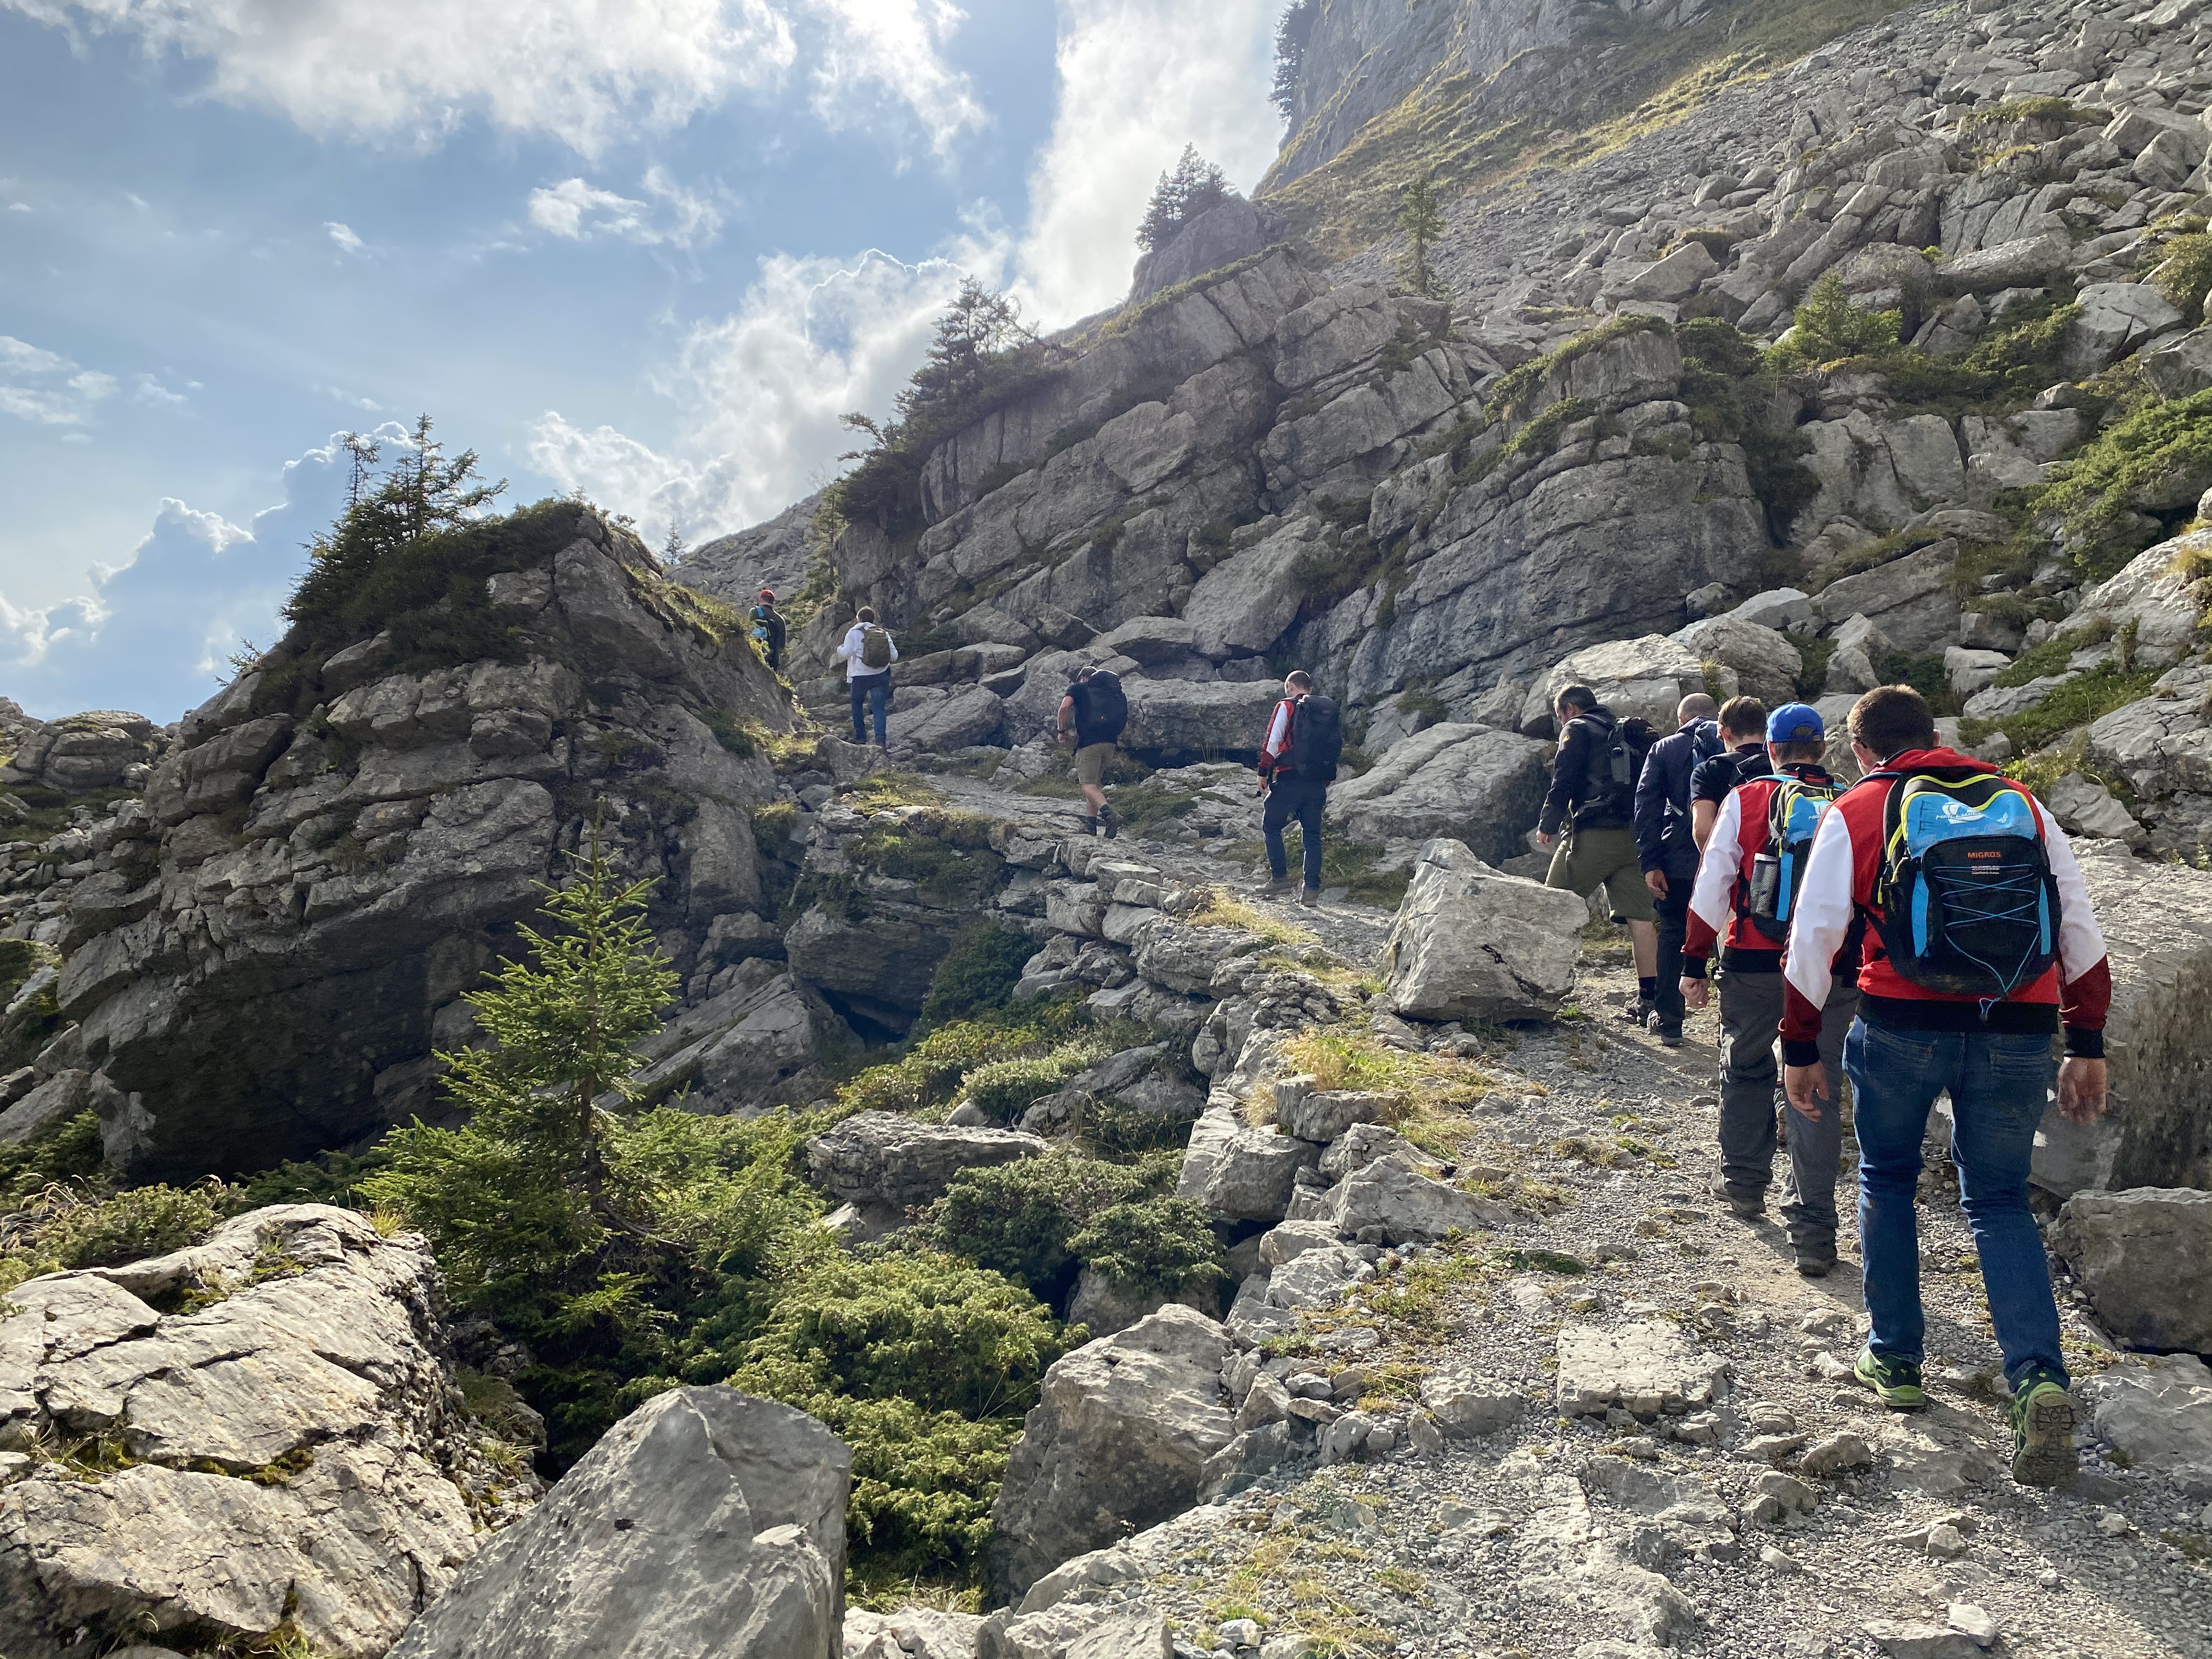 Bergturnfahrt 2020 First - Faulhorn - Schynige Platte